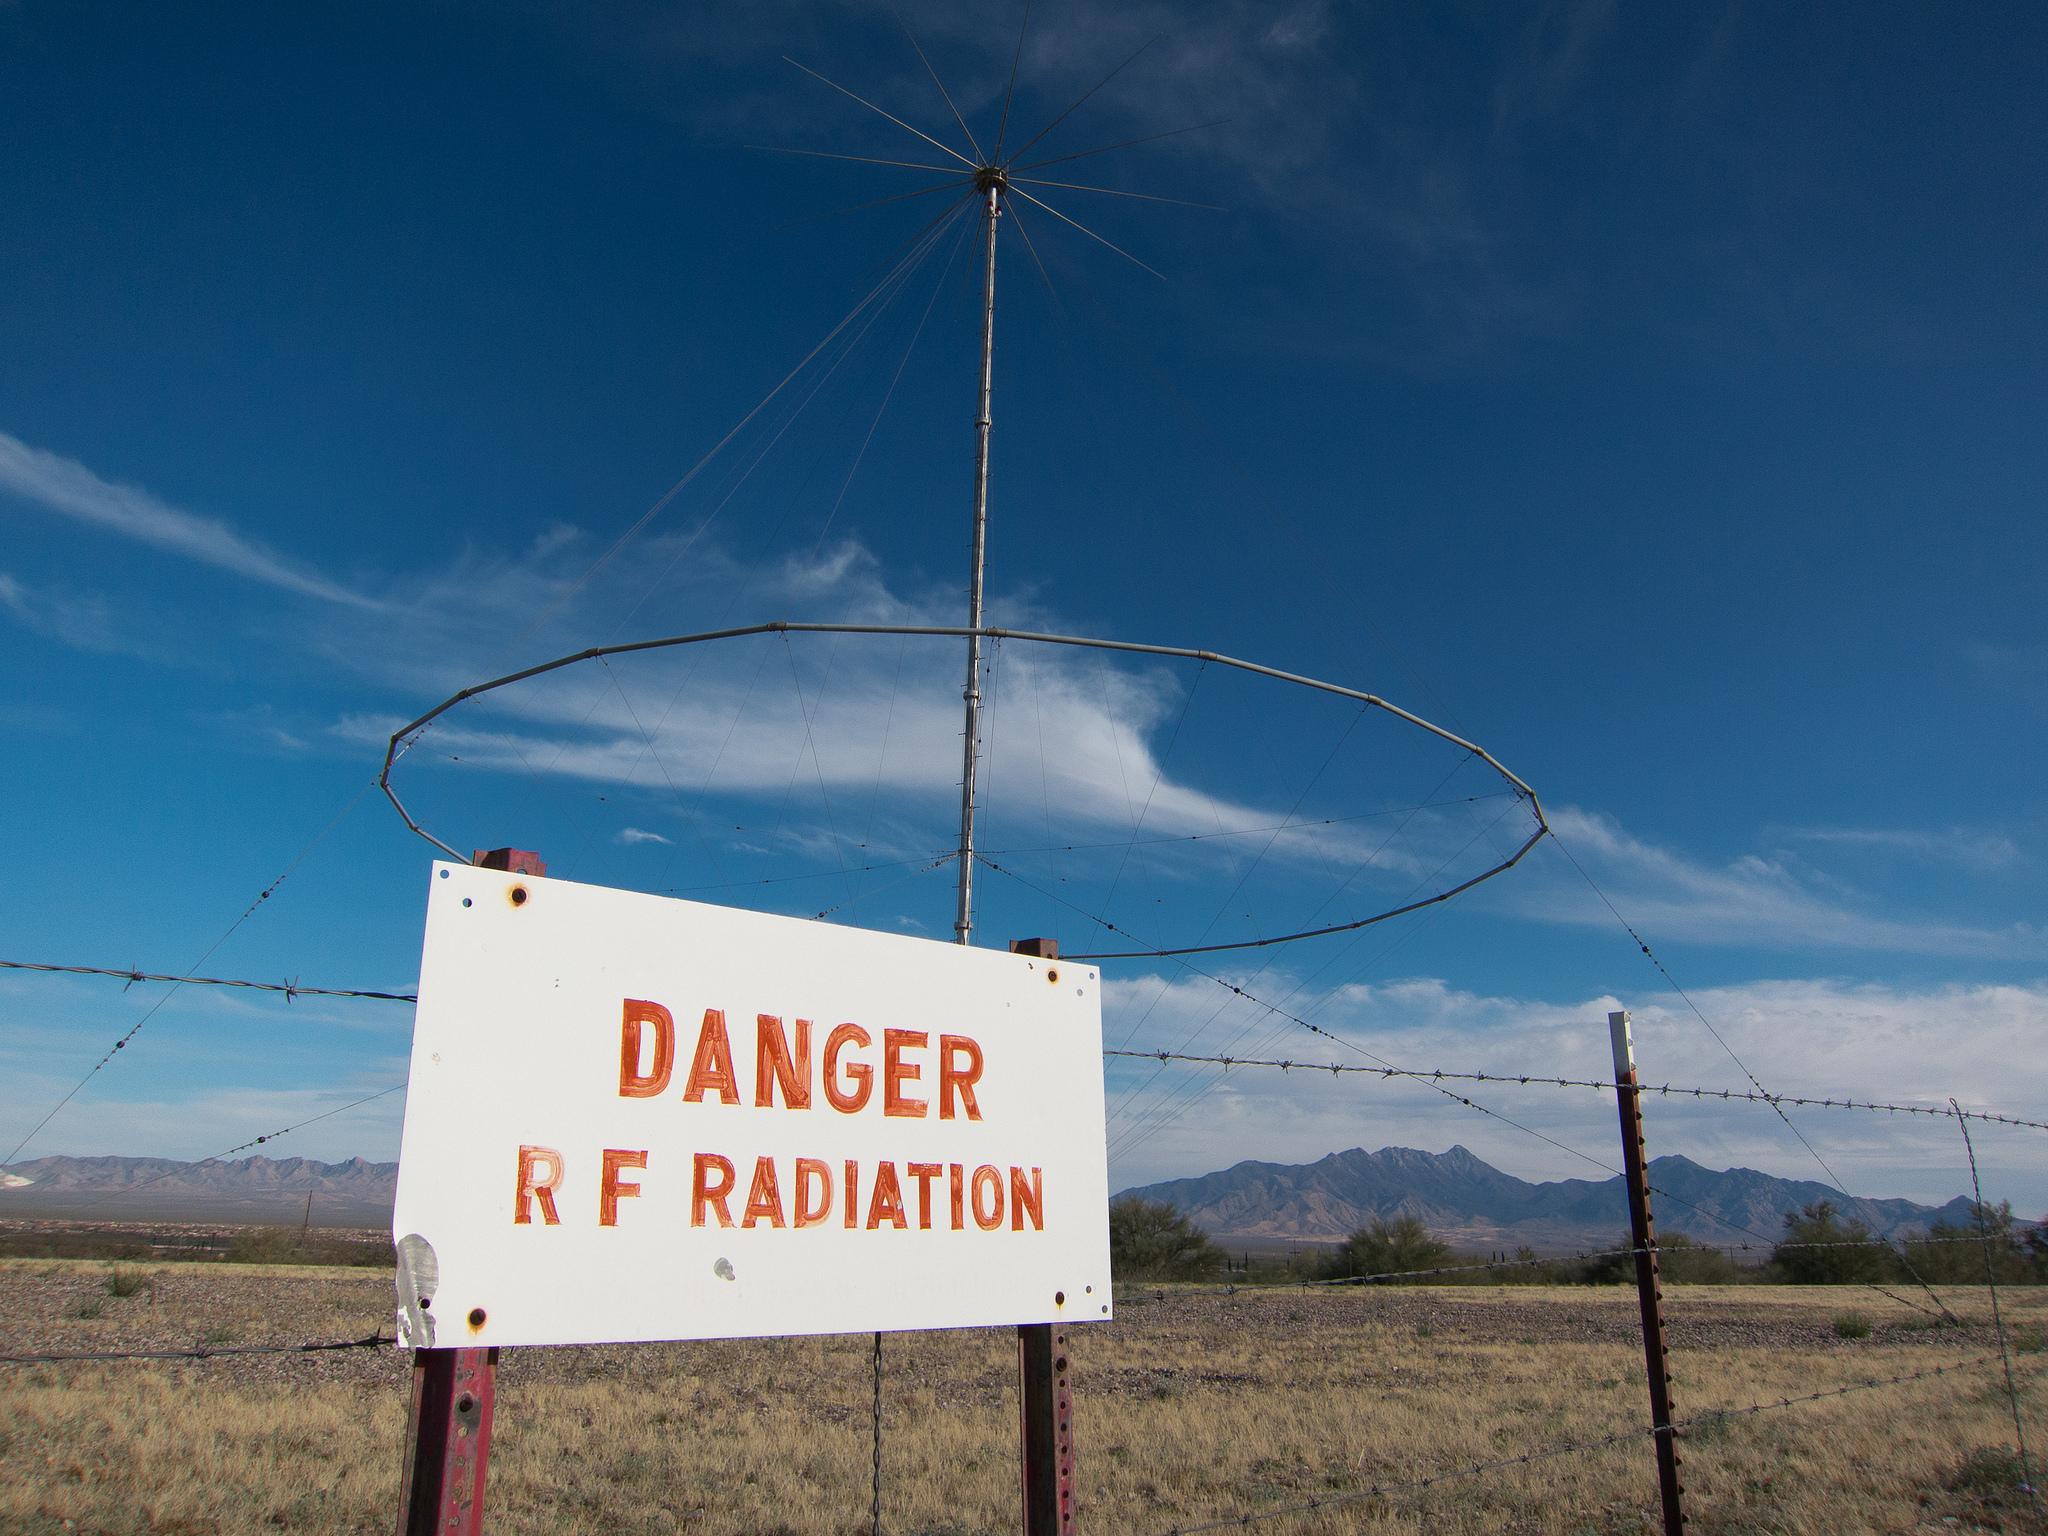 nuclear missile silos hidden across arizona desert